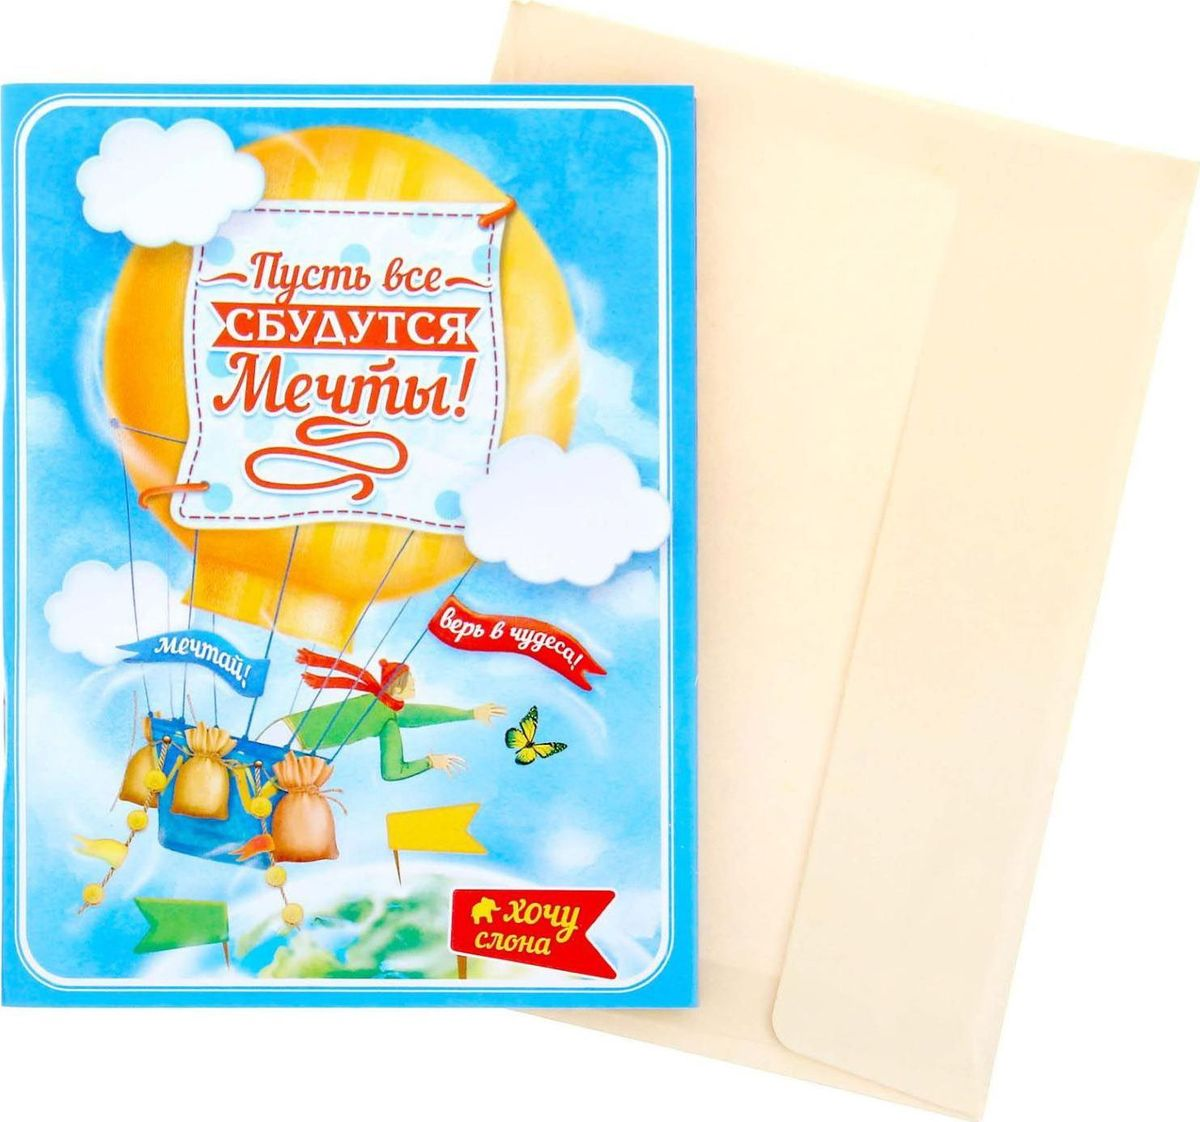 Блокнот-открытка Мечты 32 листа1104987Блокнот-открытка Мечты, сочетает в себе красоту и практичность. Он содержит приятные пожелания от близких людей, а 32 дизайнерских листа с бархатной фактурой подарят отличное настроение владельцу. В отличие от обычной открытки, которая будет пылиться в шкафу, блокнотом приятно пользоваться! Изделие дополнено универсальным конвертом, подпишите его и вручите сувенир адресату на любой праздник.